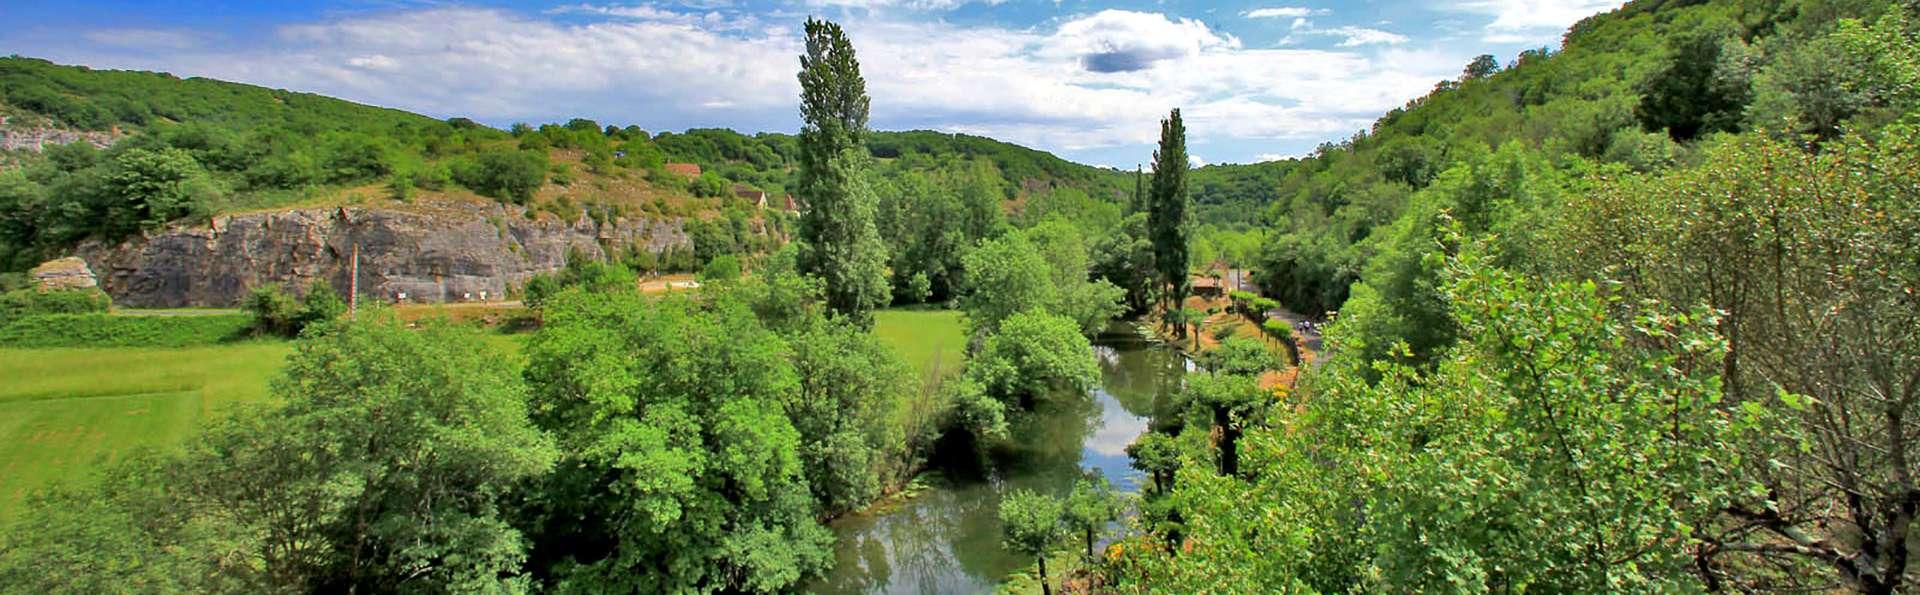 Le Pont de l'Ouysse - Edit_Destination4.jpg